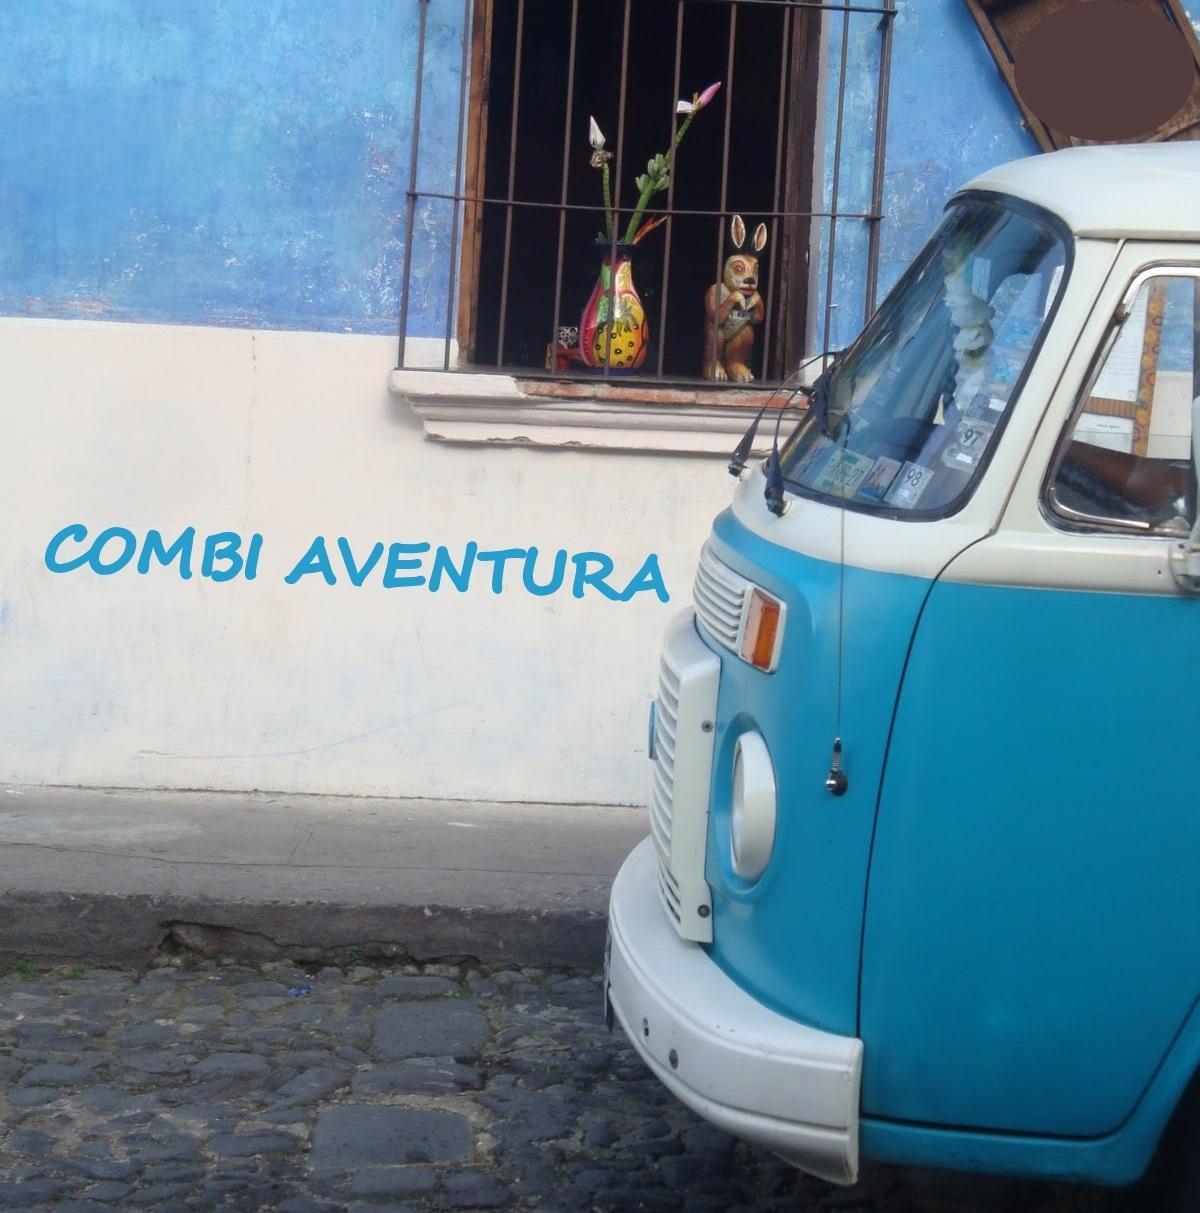 Combi-Aventura